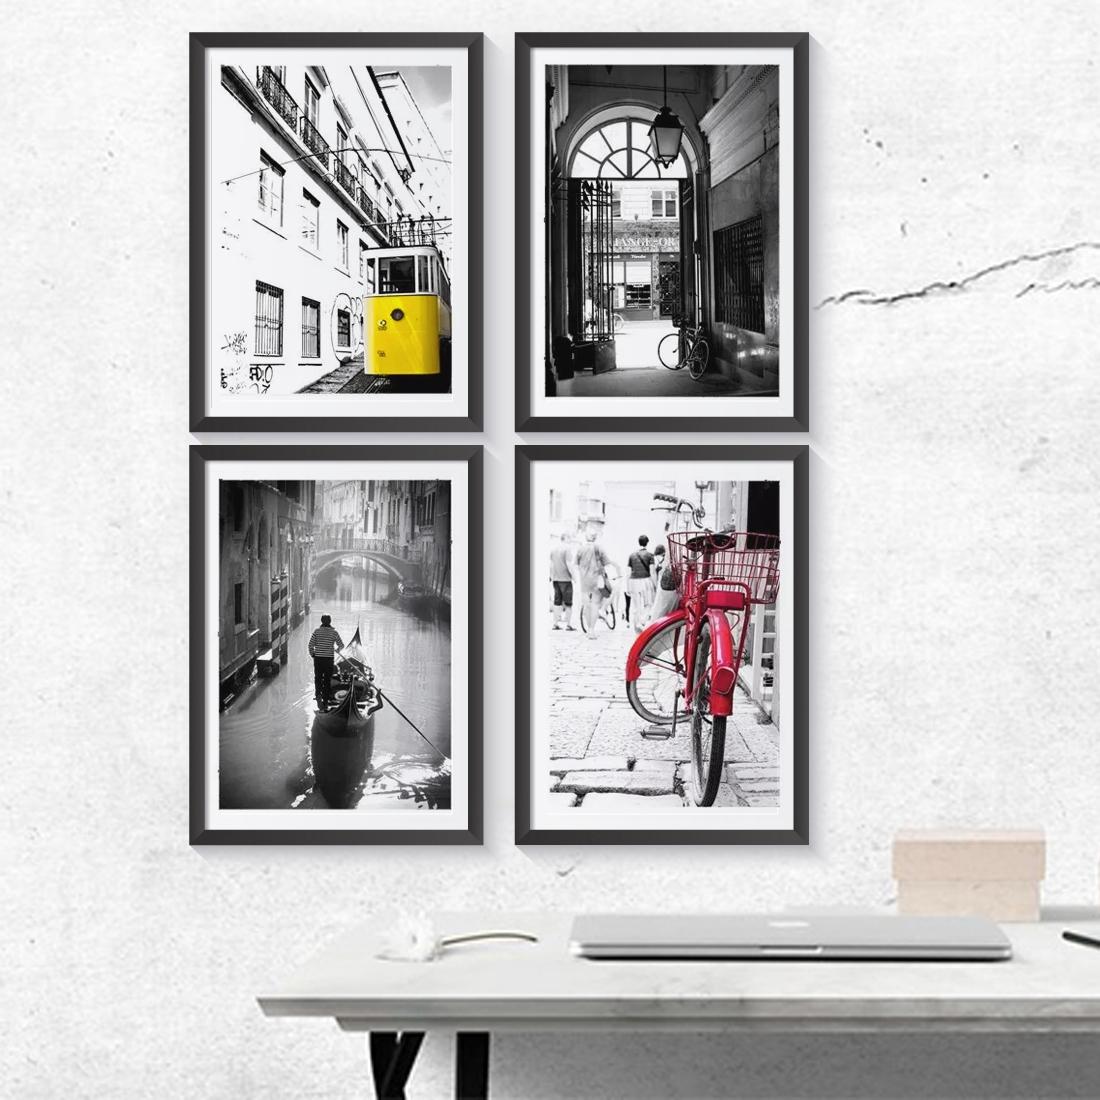 Zestaw 4 plakatów z serii MIASTA. Miasta magiczne – Lizbona, Paryż, Amsterdam, Wenecja. Plakaty oprawione w ramki, gotowe do powieszenia.